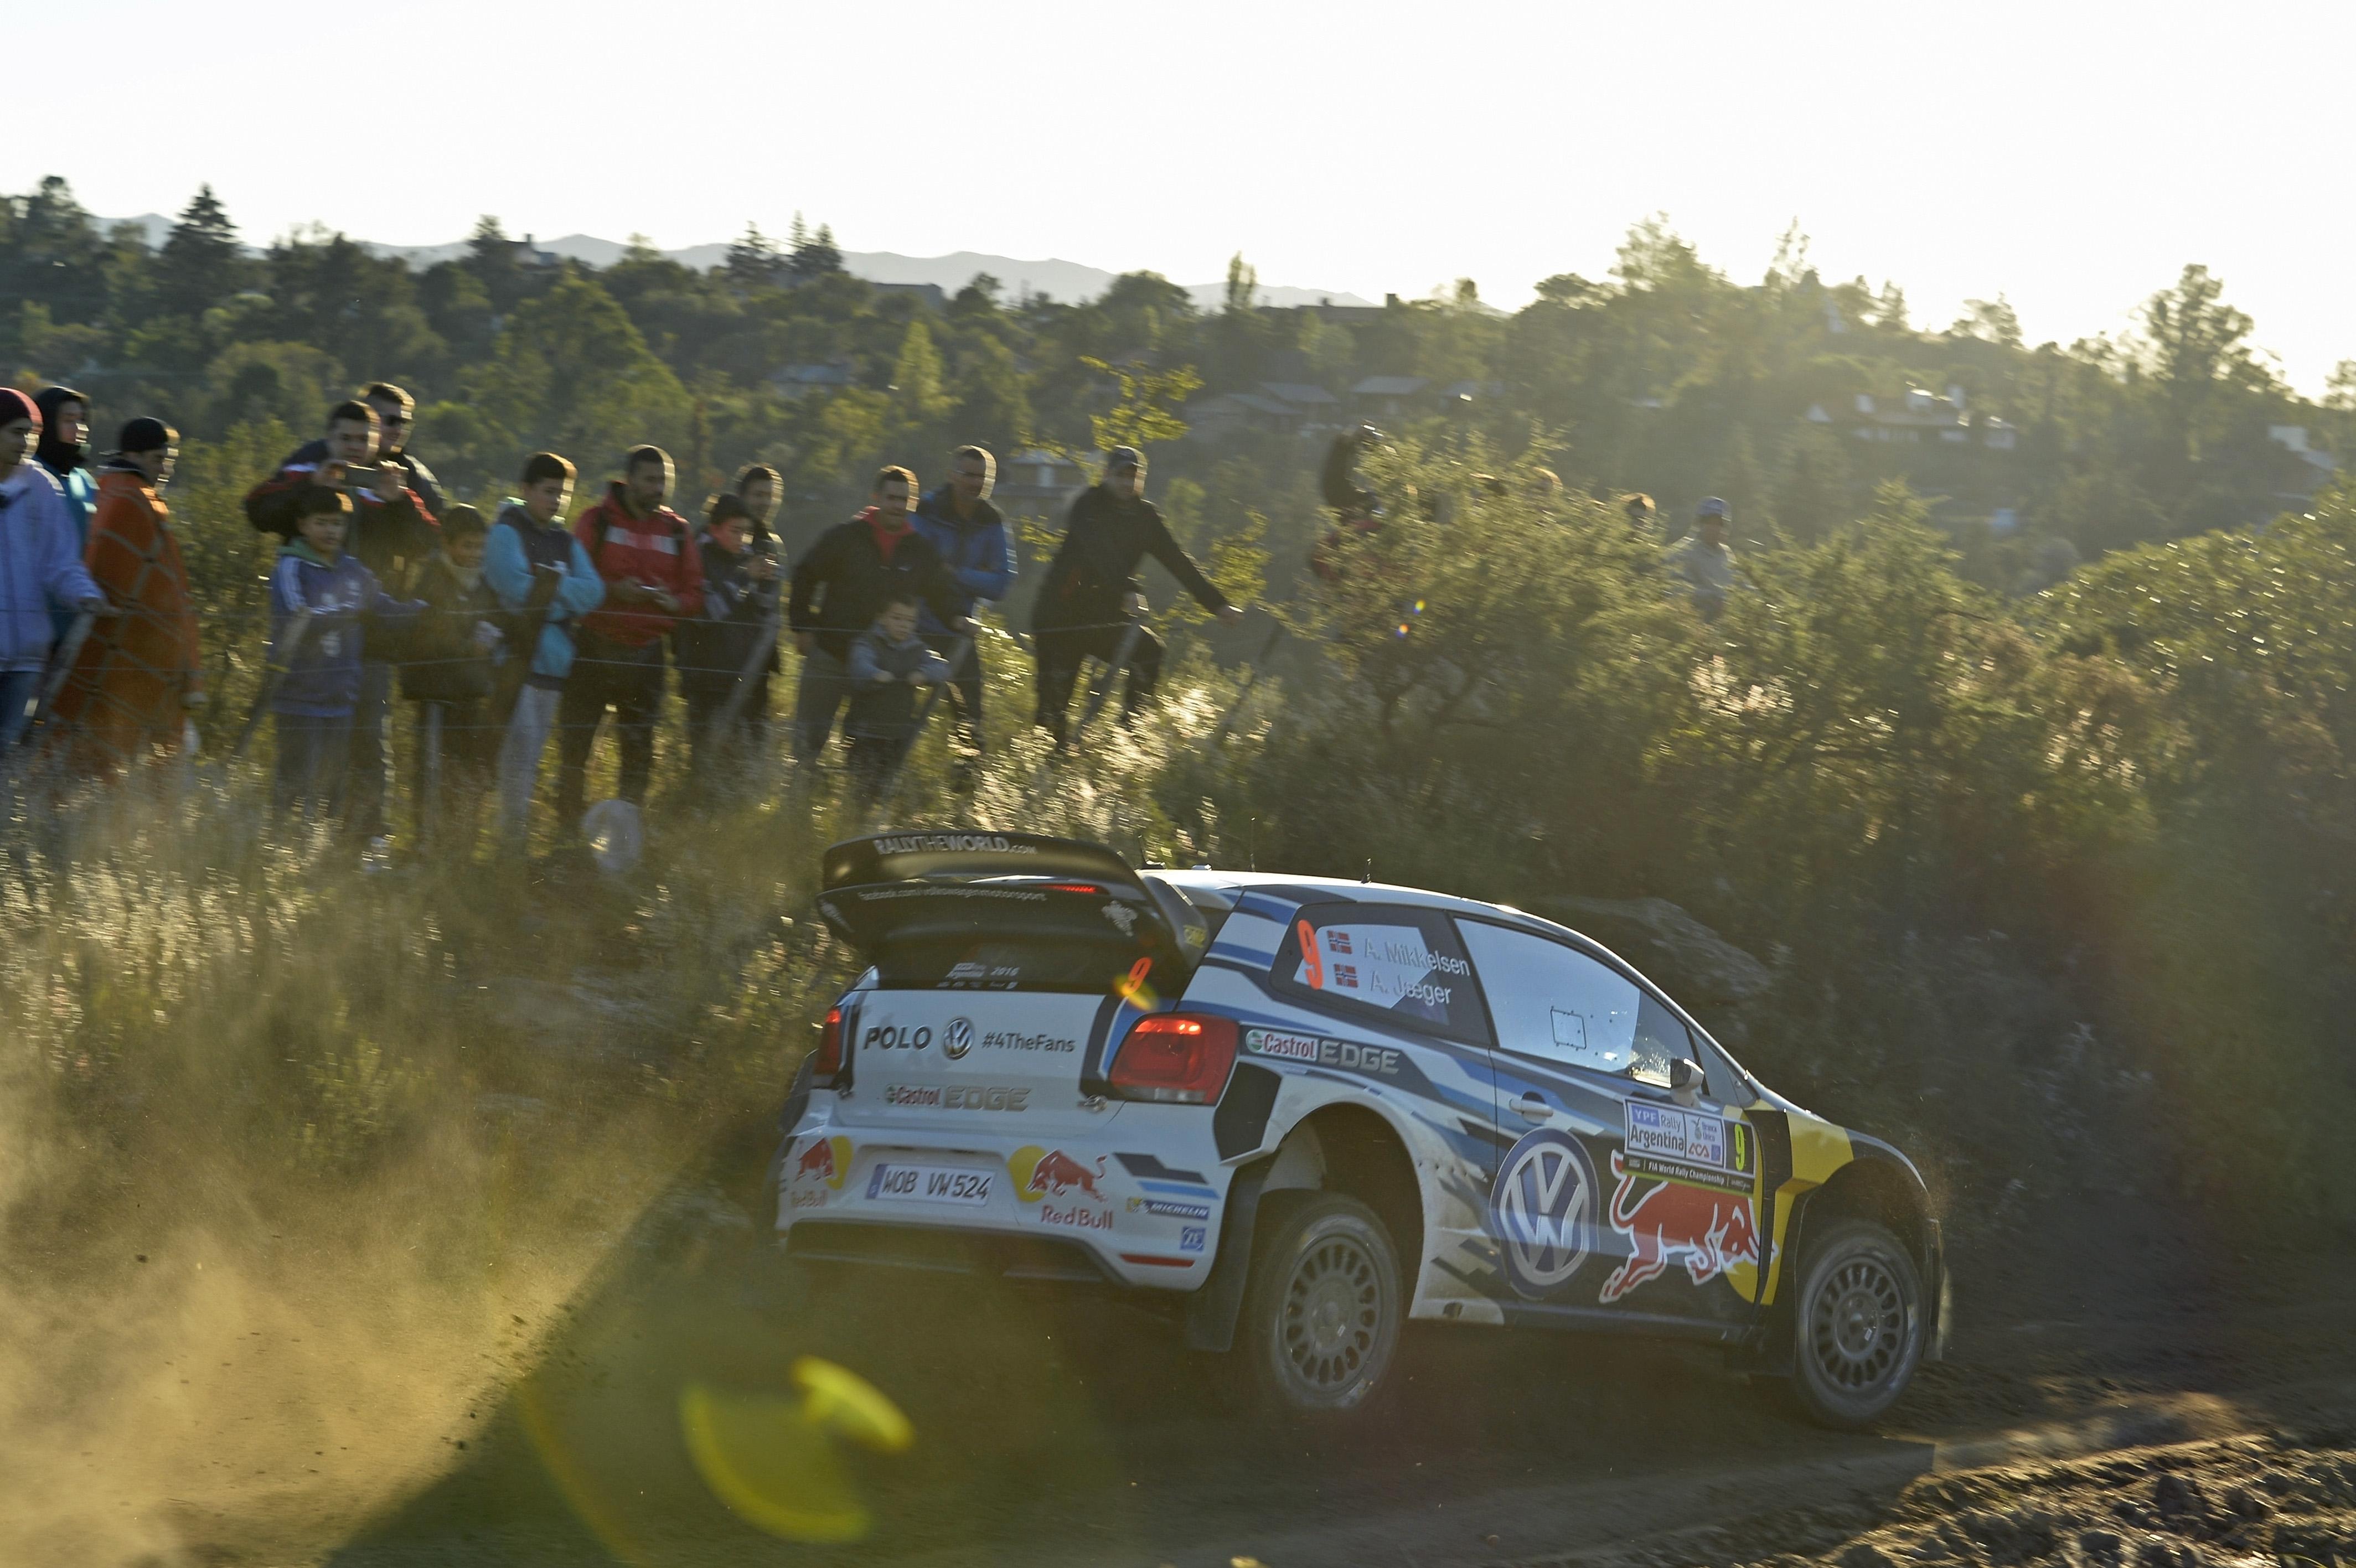 Rali WRC 8